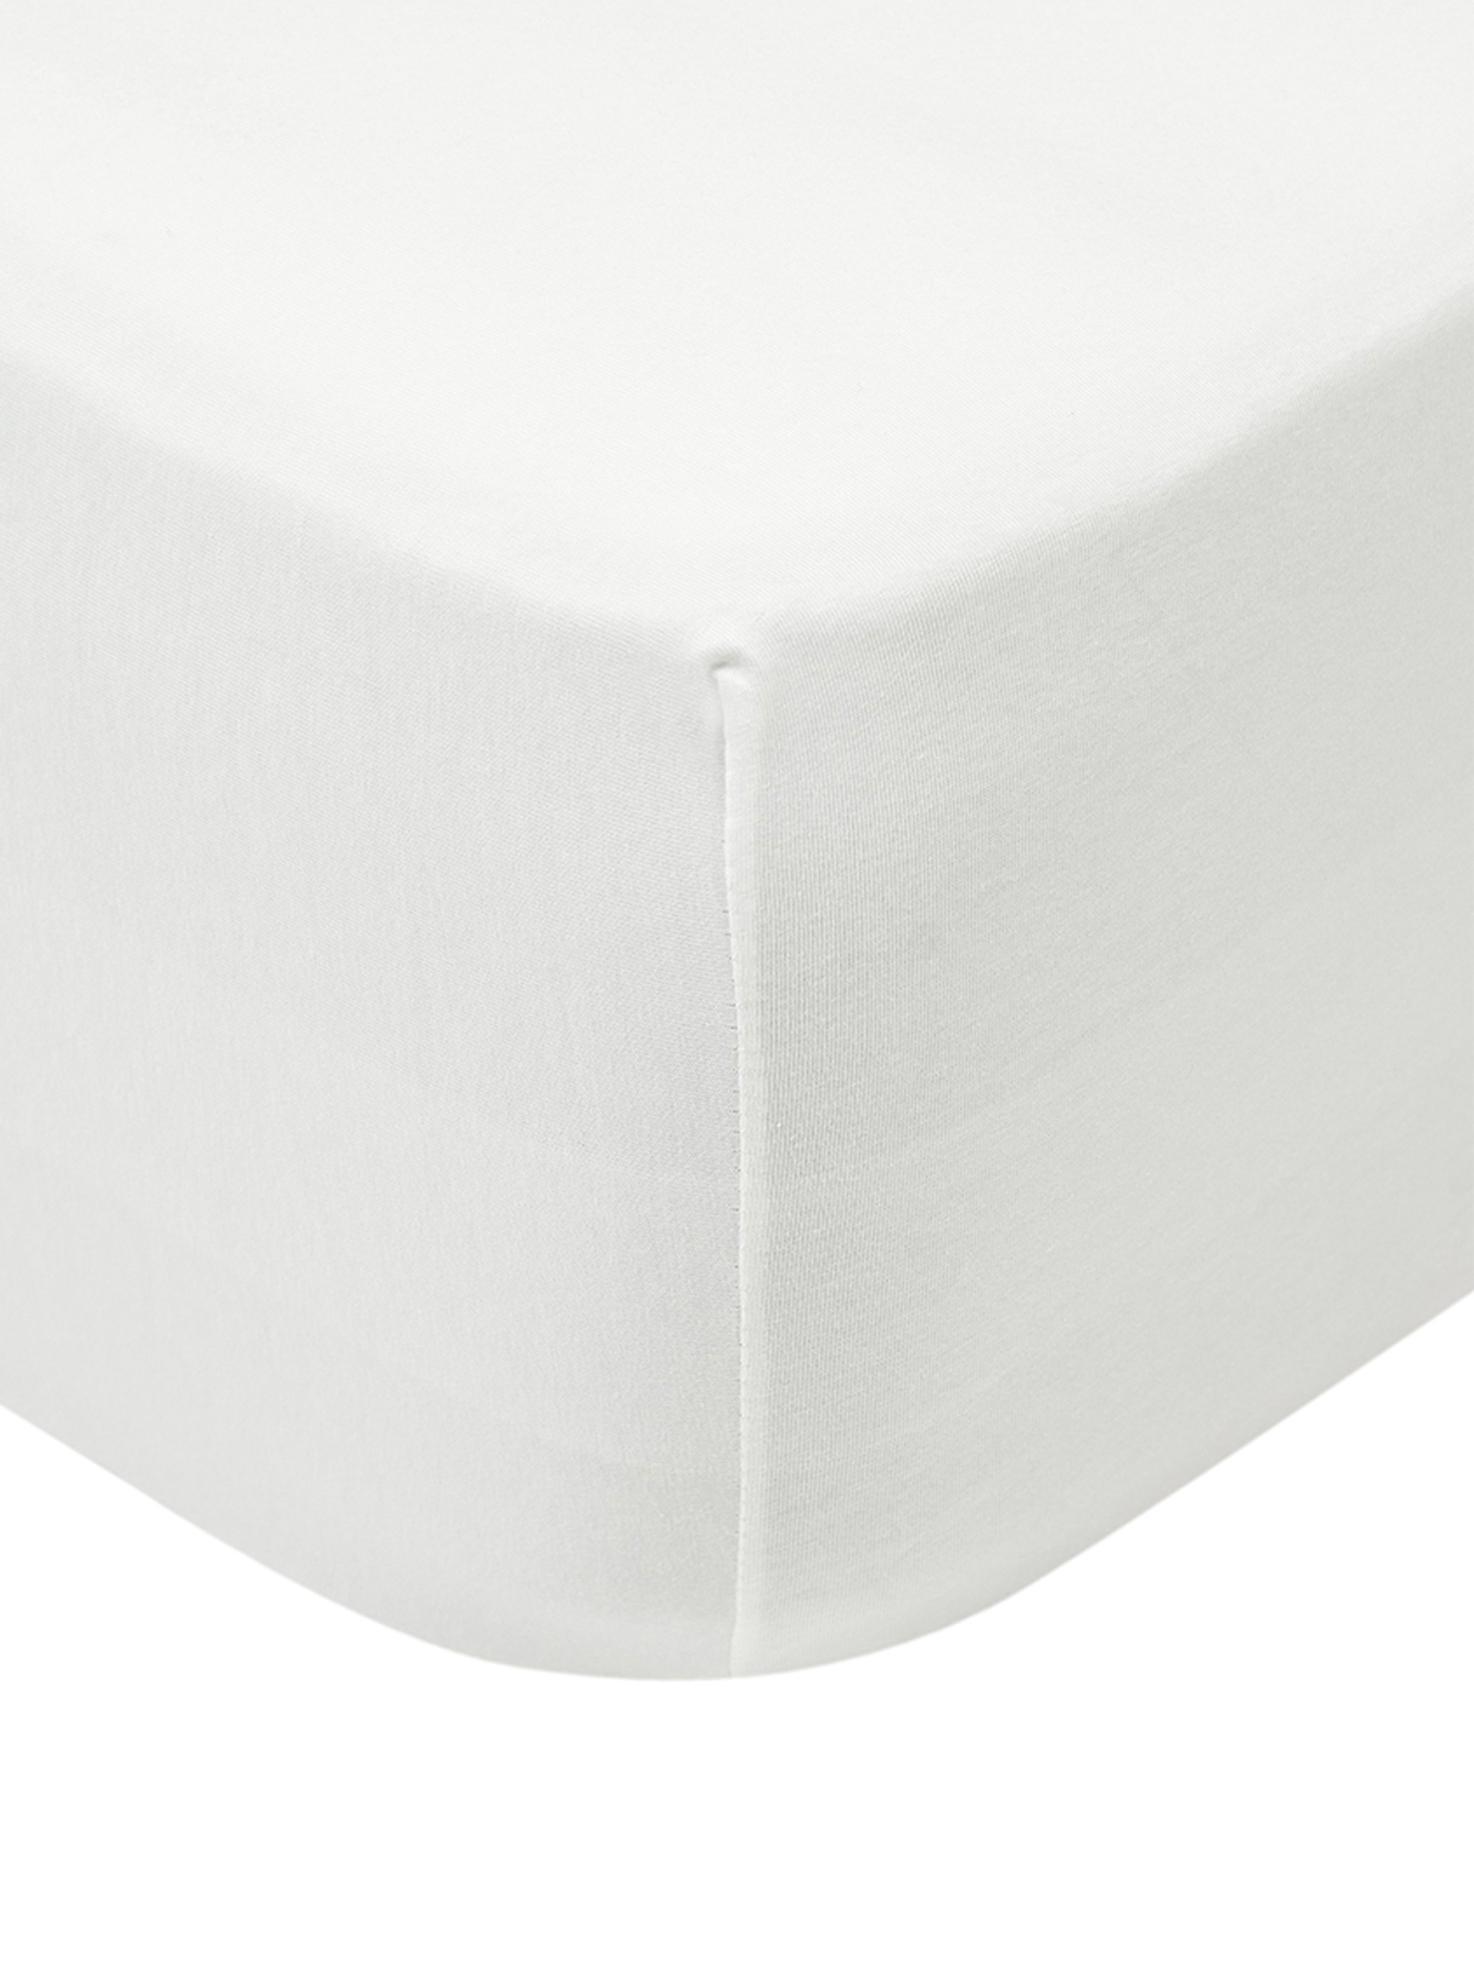 Sábana bajera para cubrecolchón de jersey con elastano Lara, 95%algodón, 5%elastano, Crema, Cama 150 cm (160 x 200 cm)